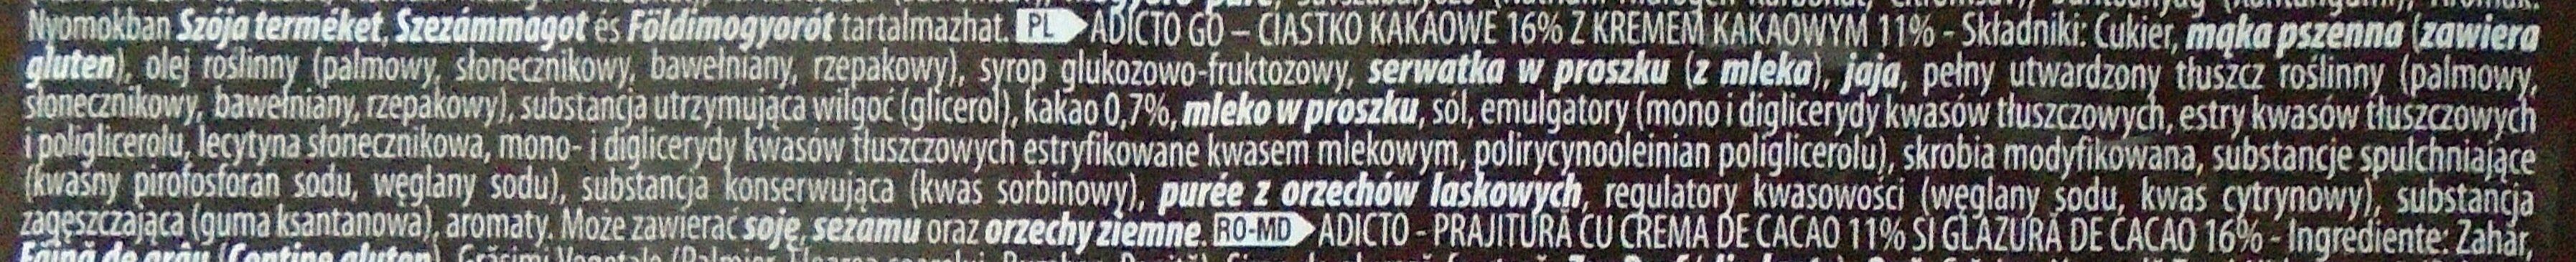 Adicto Go Prăjitură cu cremă de cacao și glazură de cacao - Składniki - pl